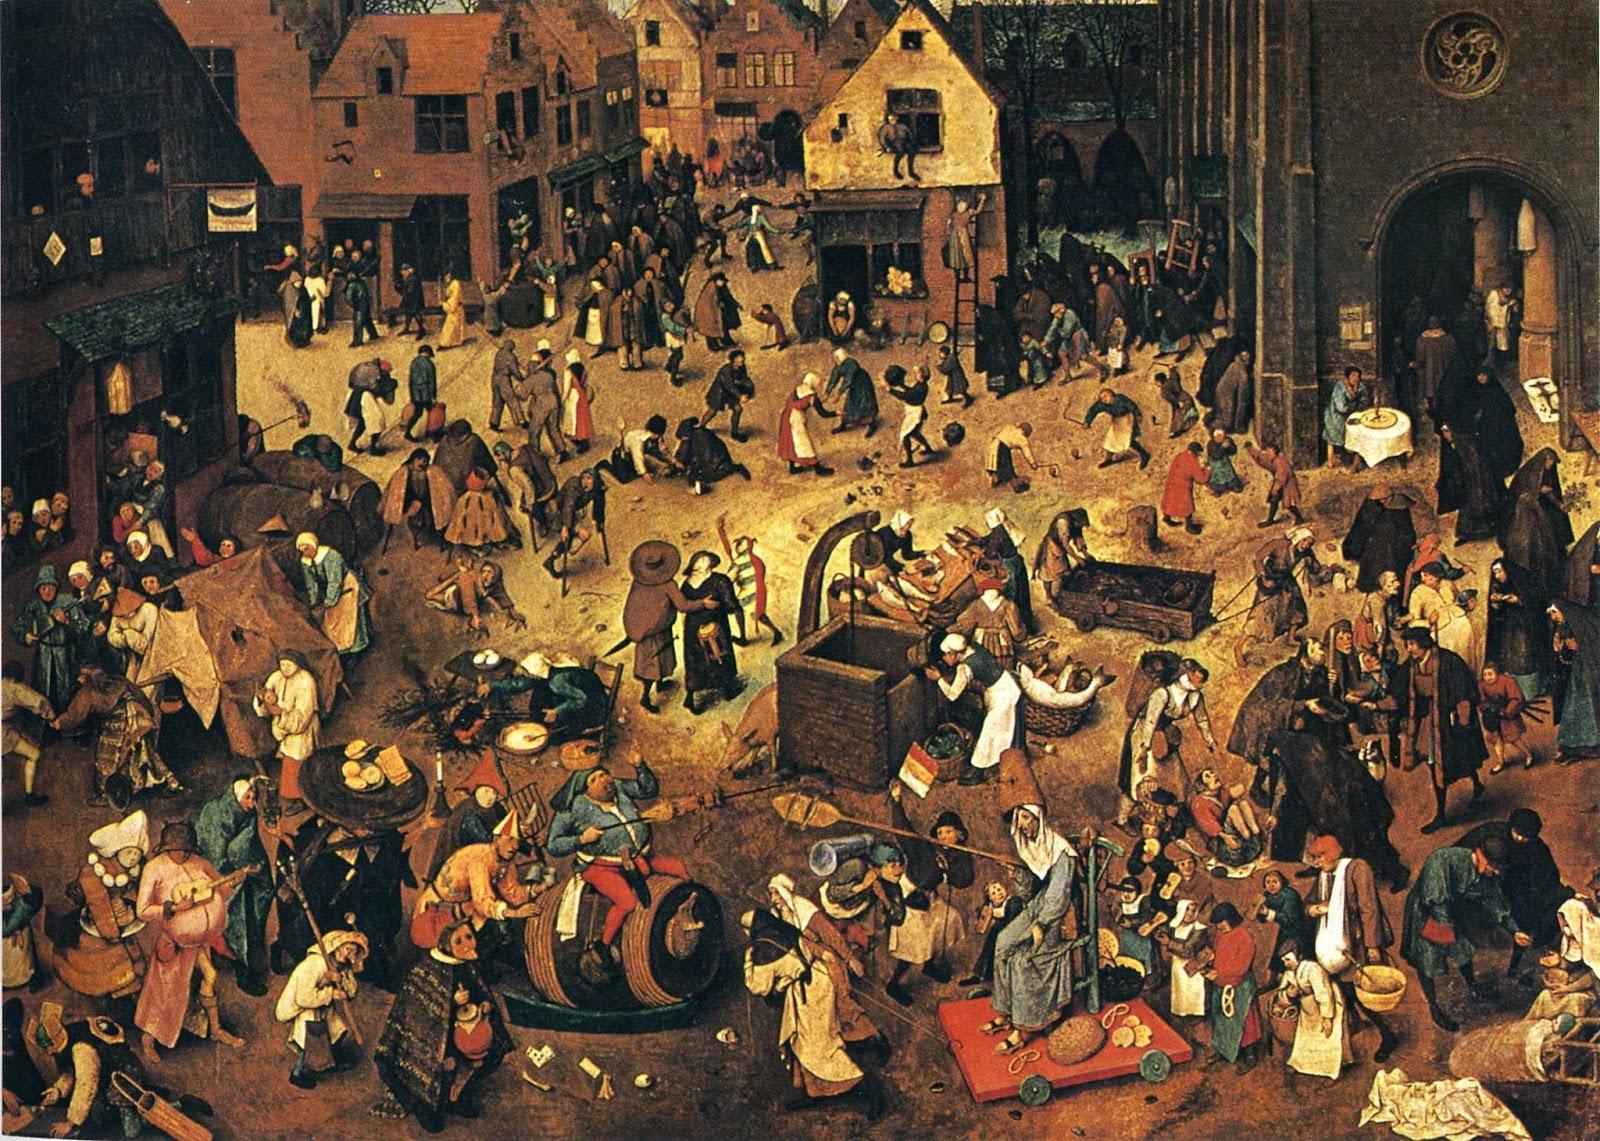 A Luta entre o Carnaval e a Quaresma - Pieter Bruegel | Pinturas com o tema: Carnaval